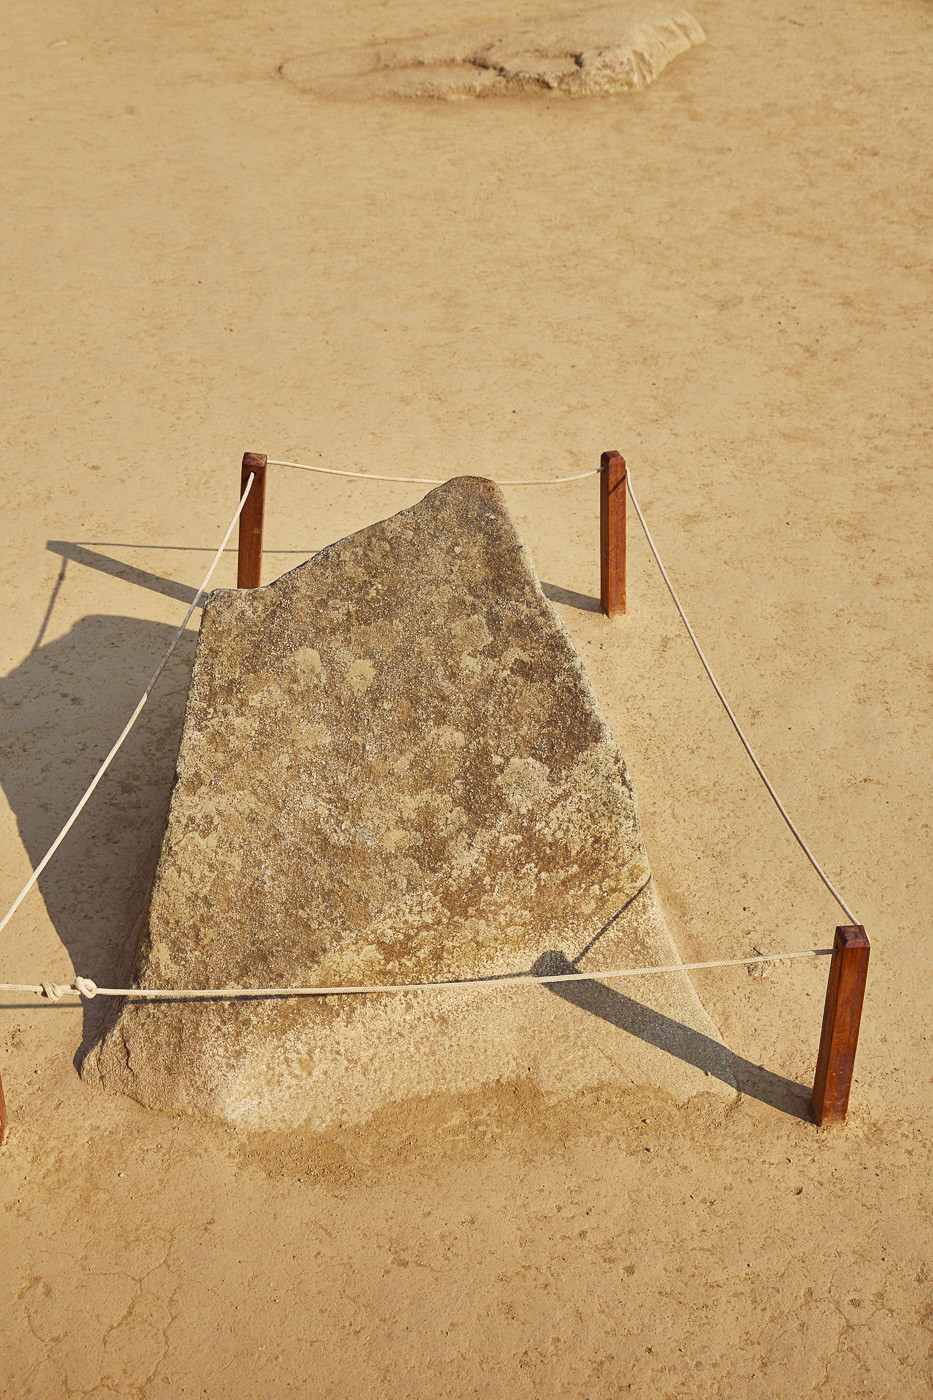 Dieser Stein ist so geschliffen und genau so ausgerichtet, dass er exakt die Himmelsrichtungen weist.